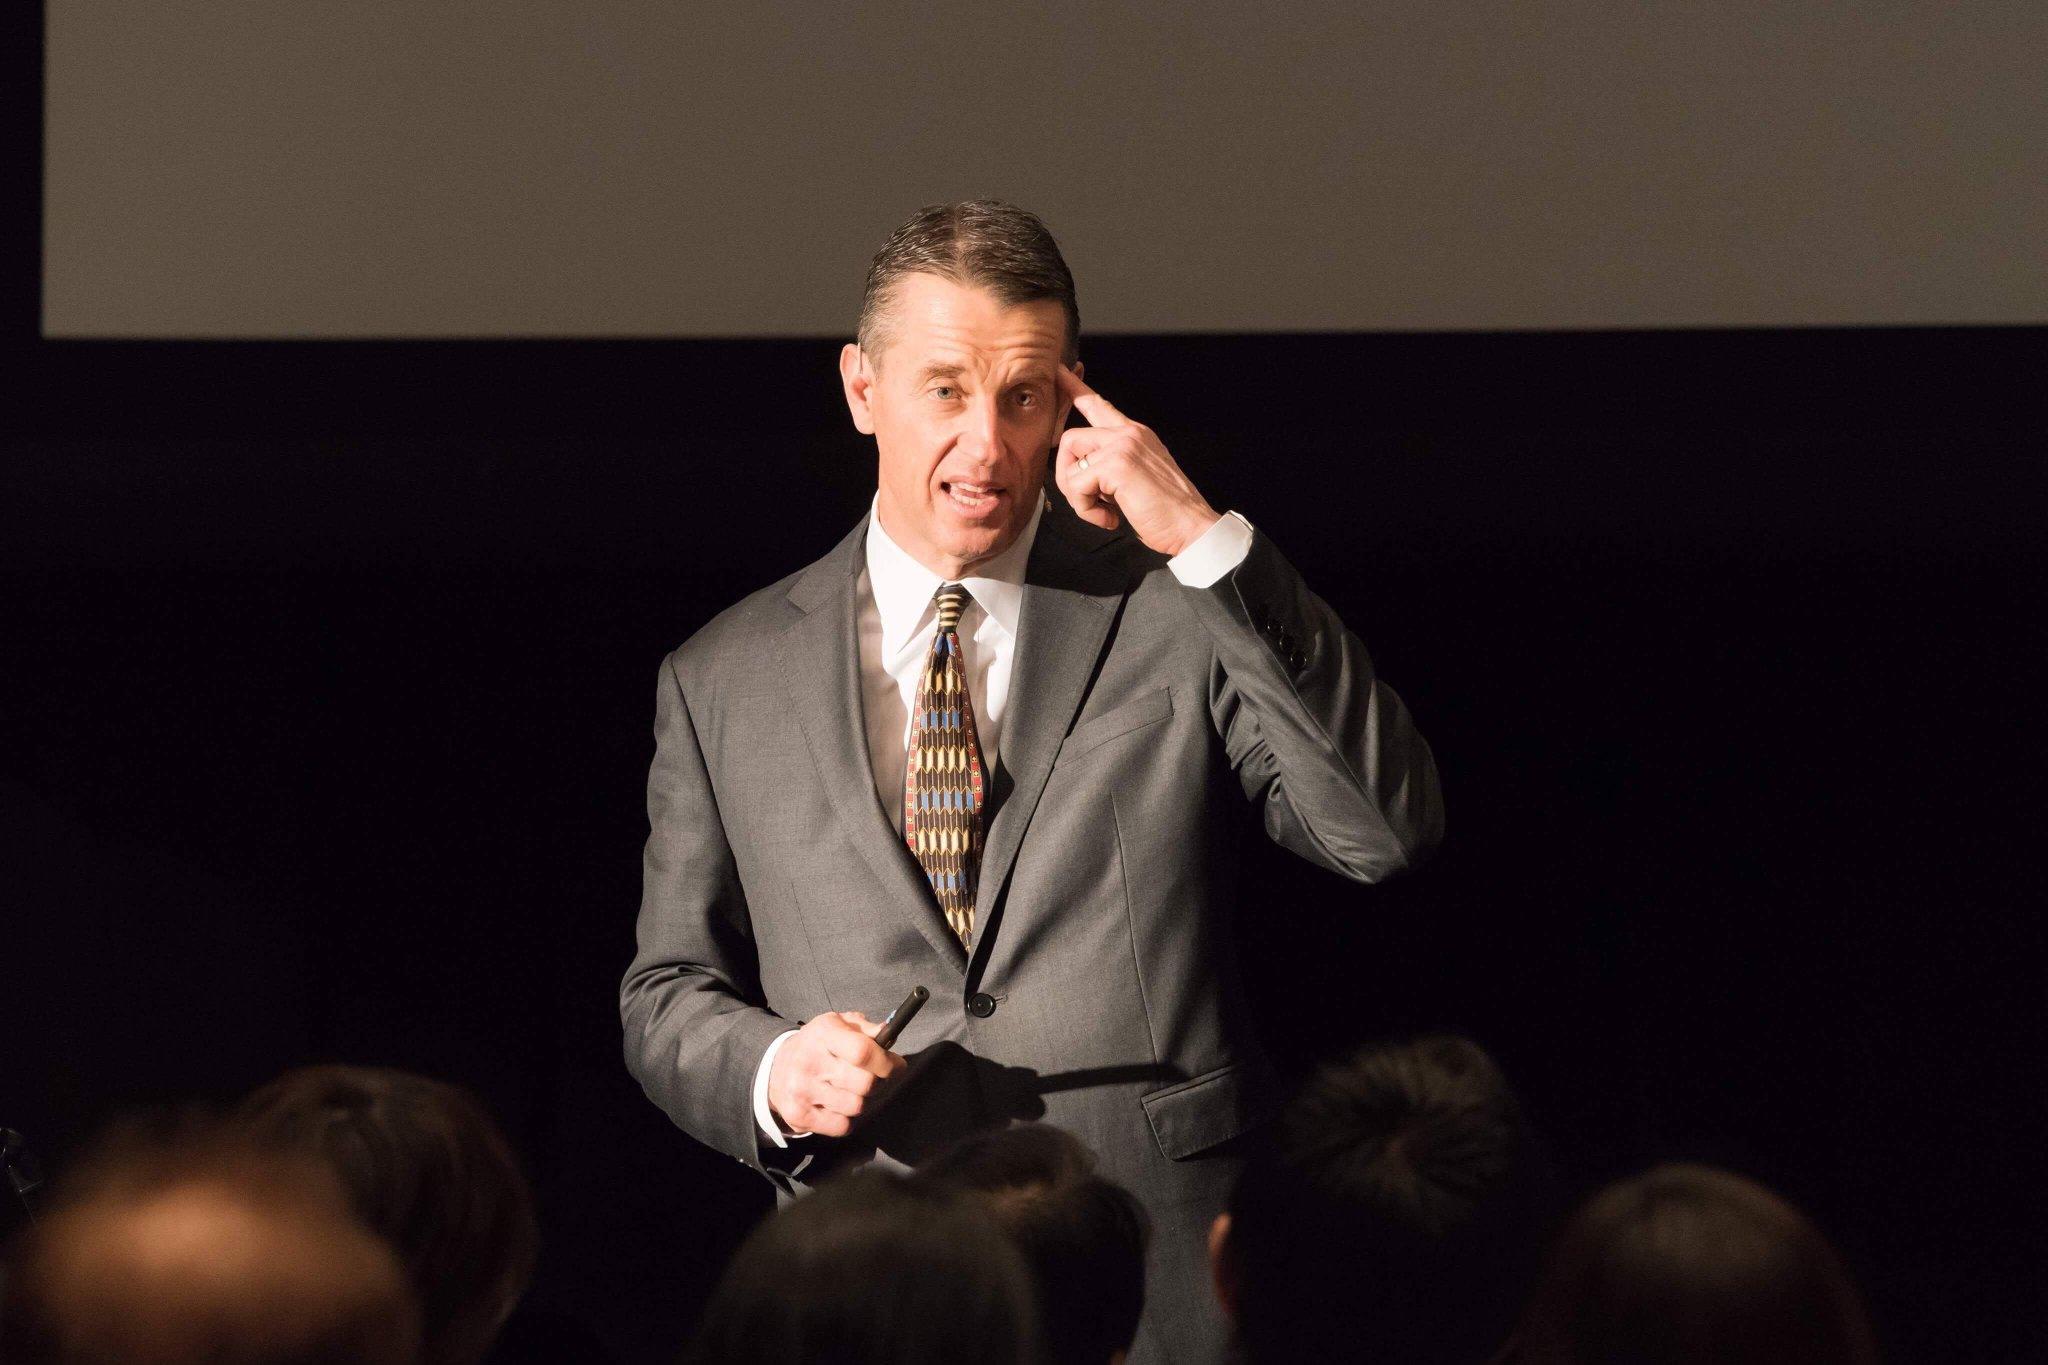 Nathan Ricks networkokulu.net başarı başarı sözleri